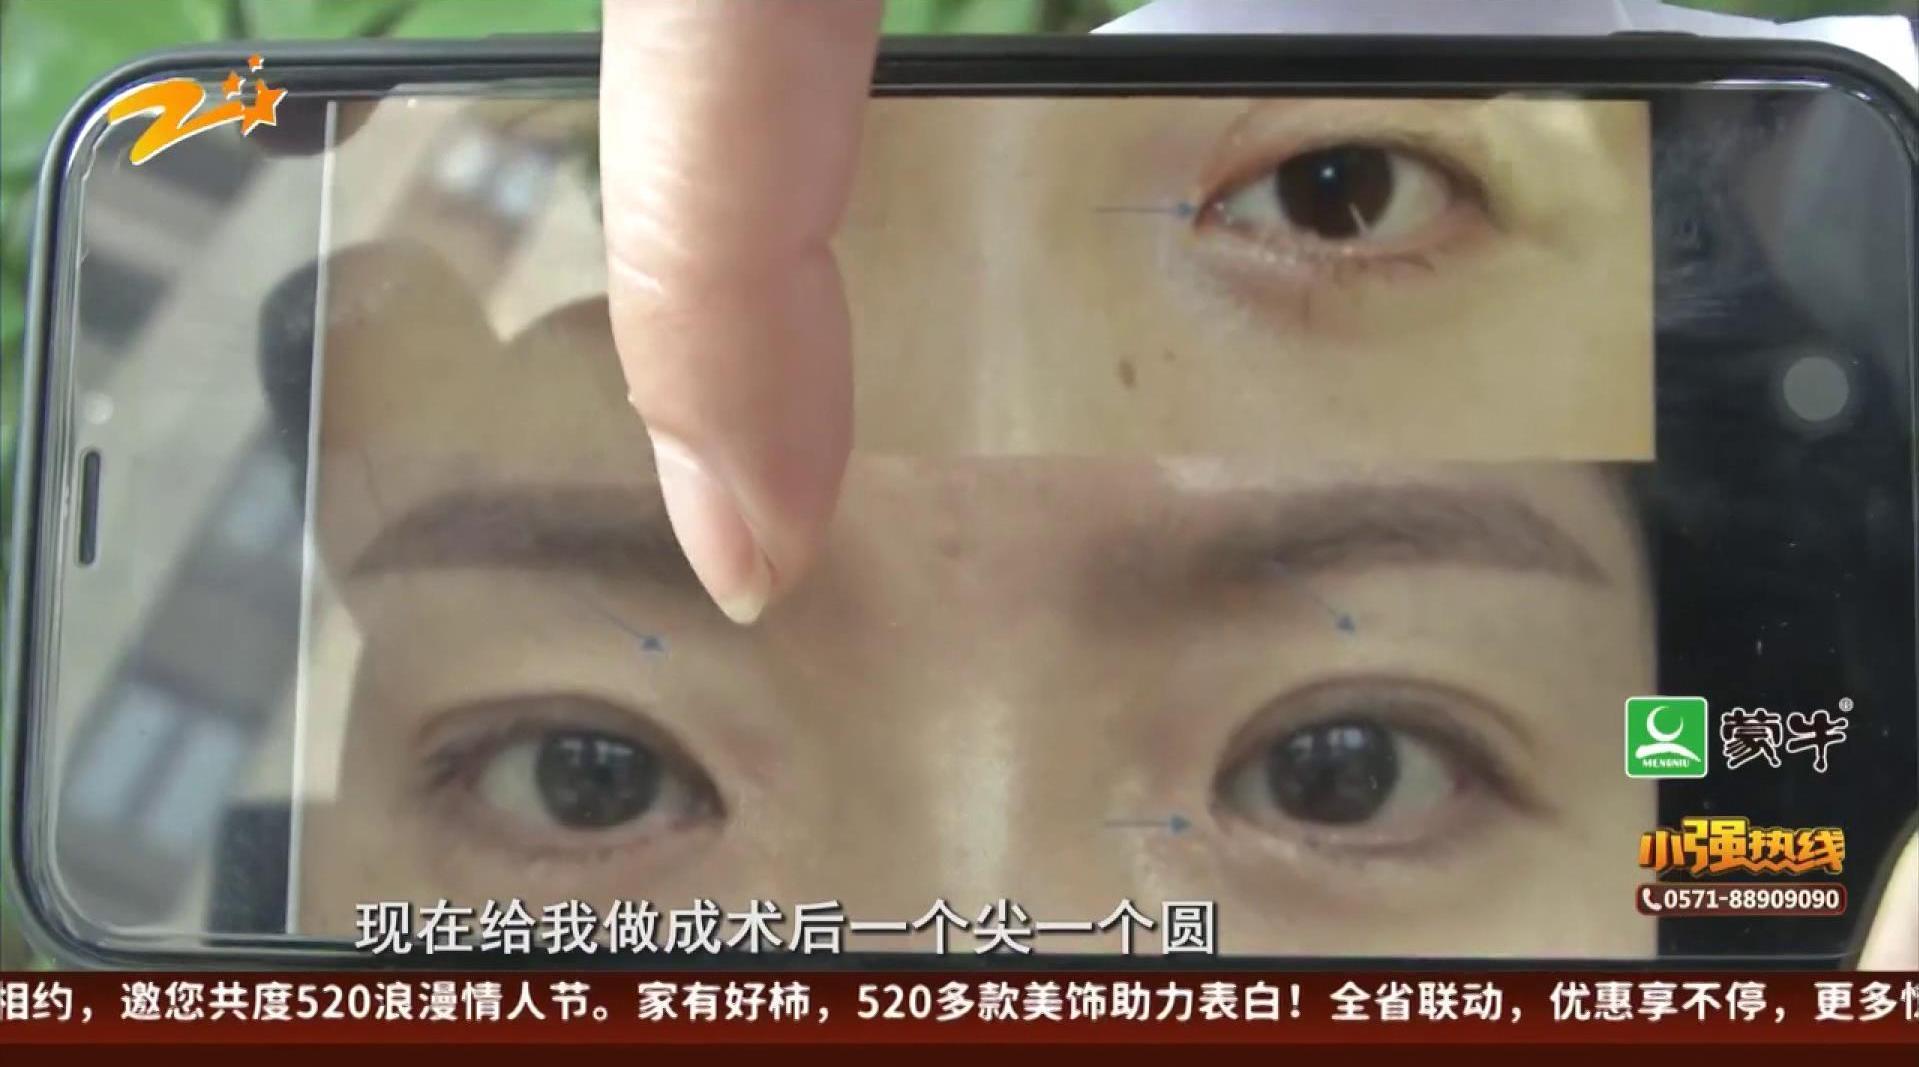 """开内眼角适合""""东方女性"""" 结果变大小眼?"""